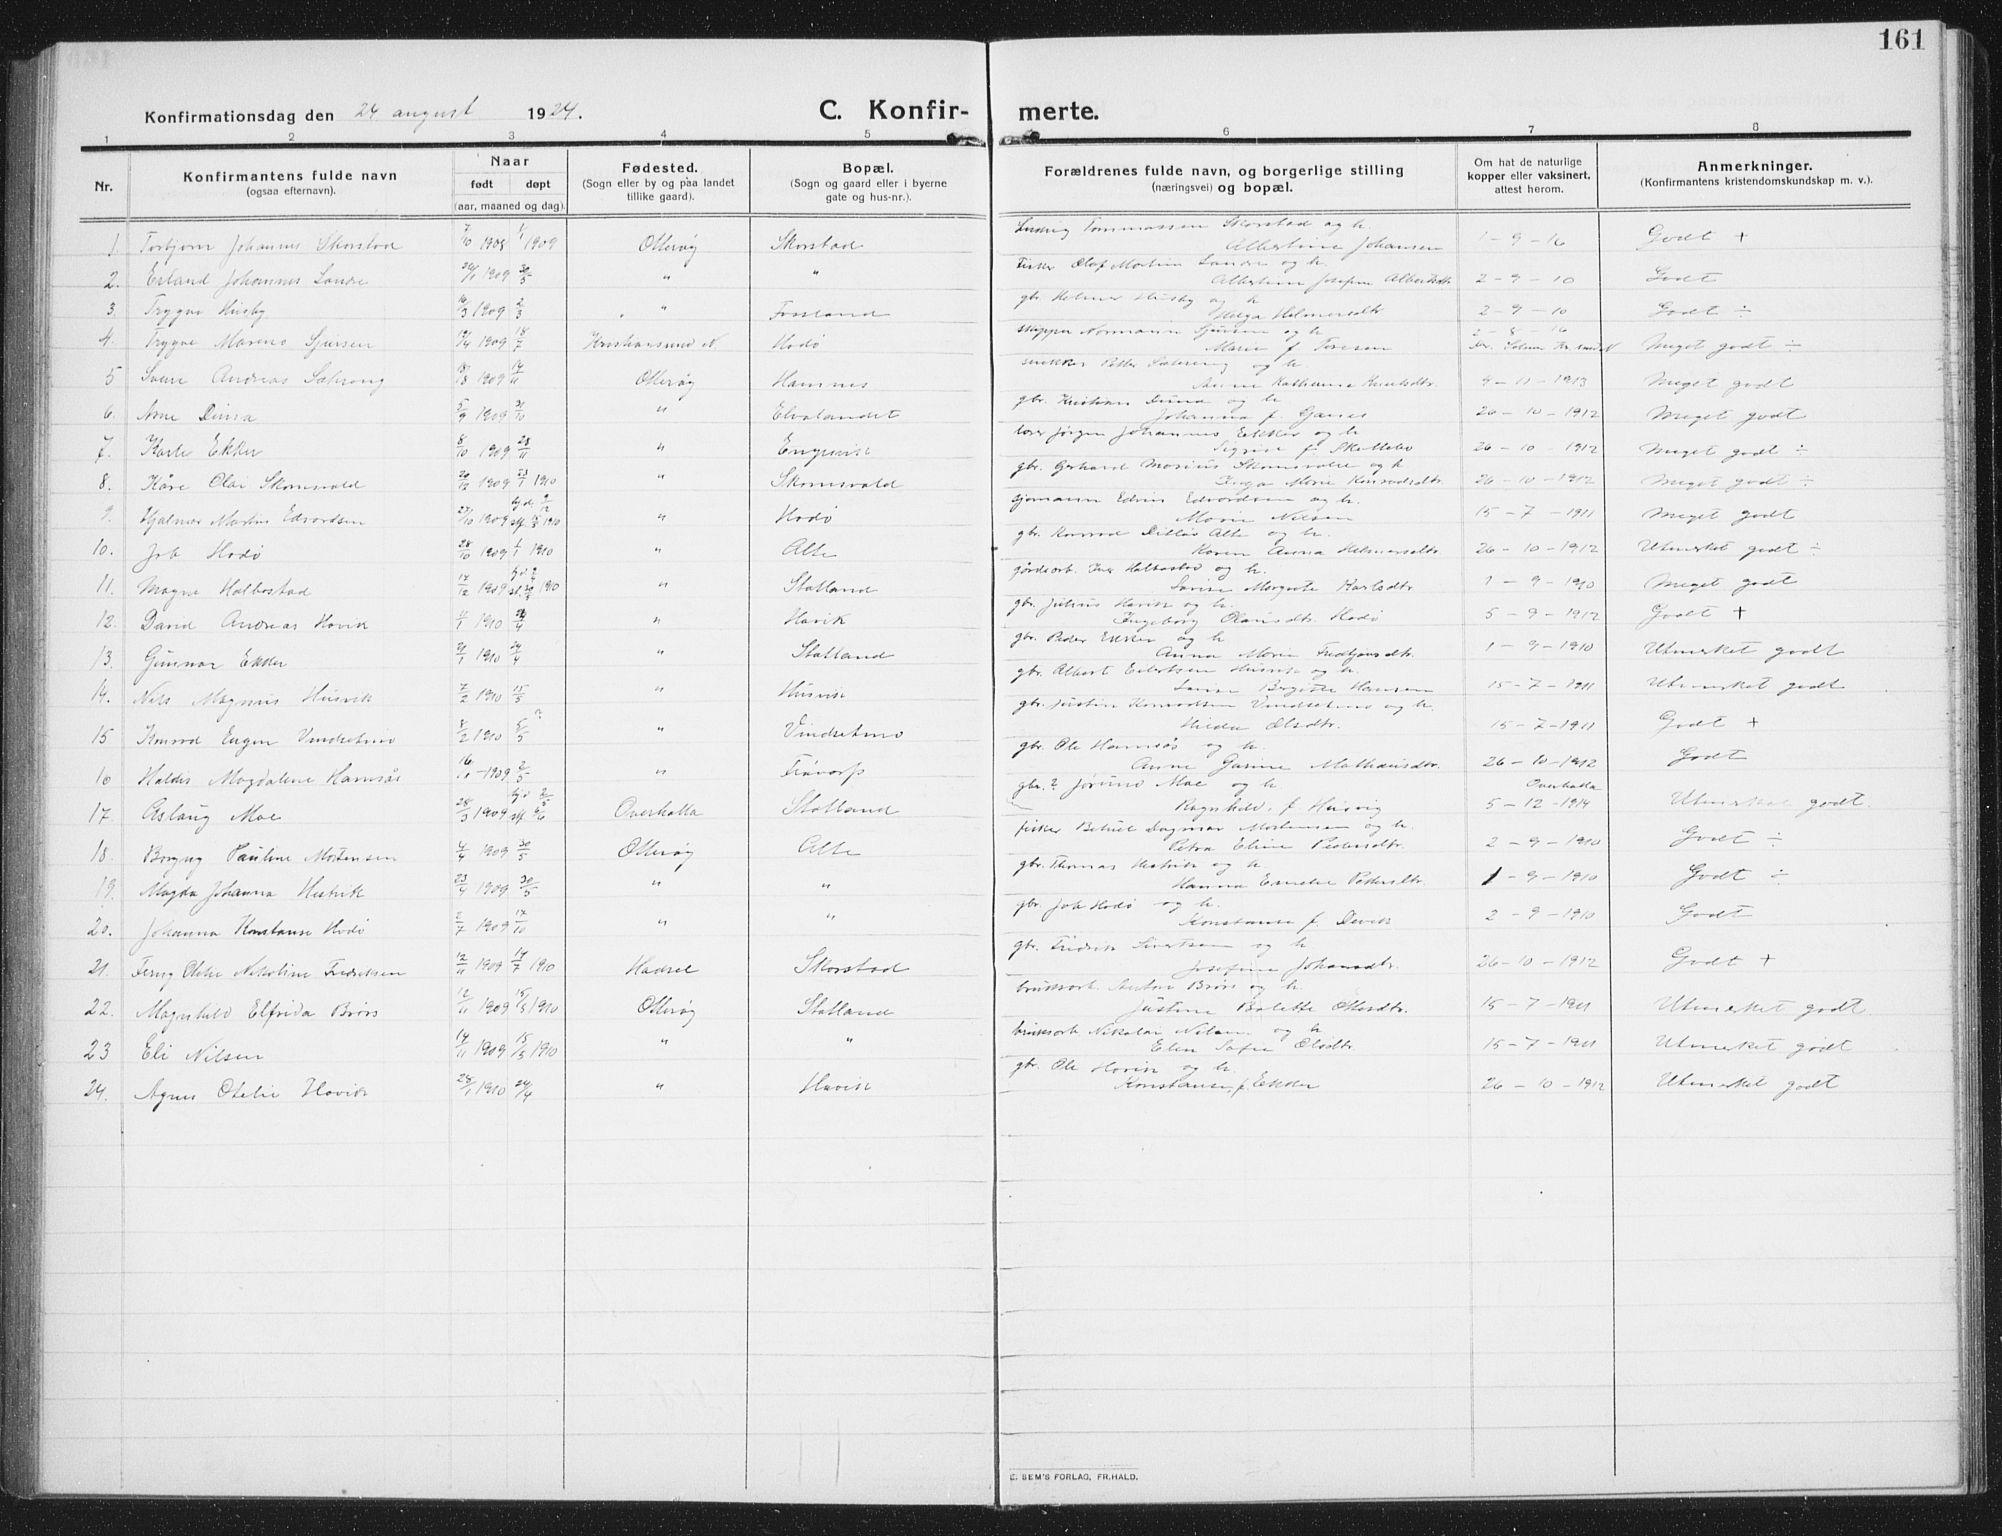 SAT, Ministerialprotokoller, klokkerbøker og fødselsregistre - Nord-Trøndelag, 774/L0630: Klokkerbok nr. 774C01, 1910-1934, s. 161